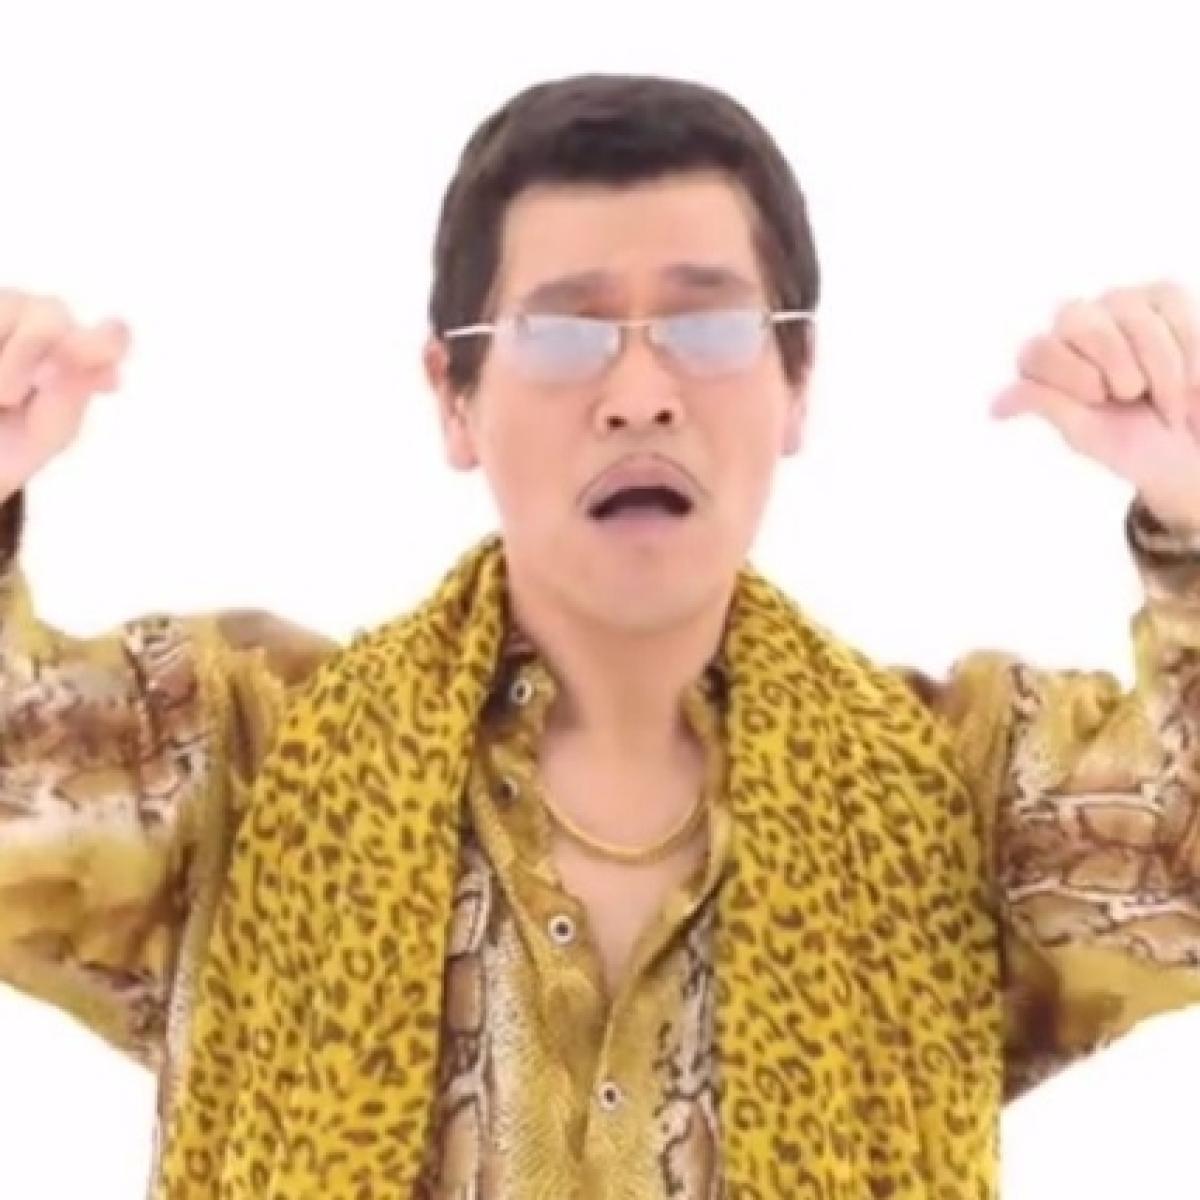 'Pineapple Apple Pen' singer Pikotaro releases new track on coronavirus; watch video